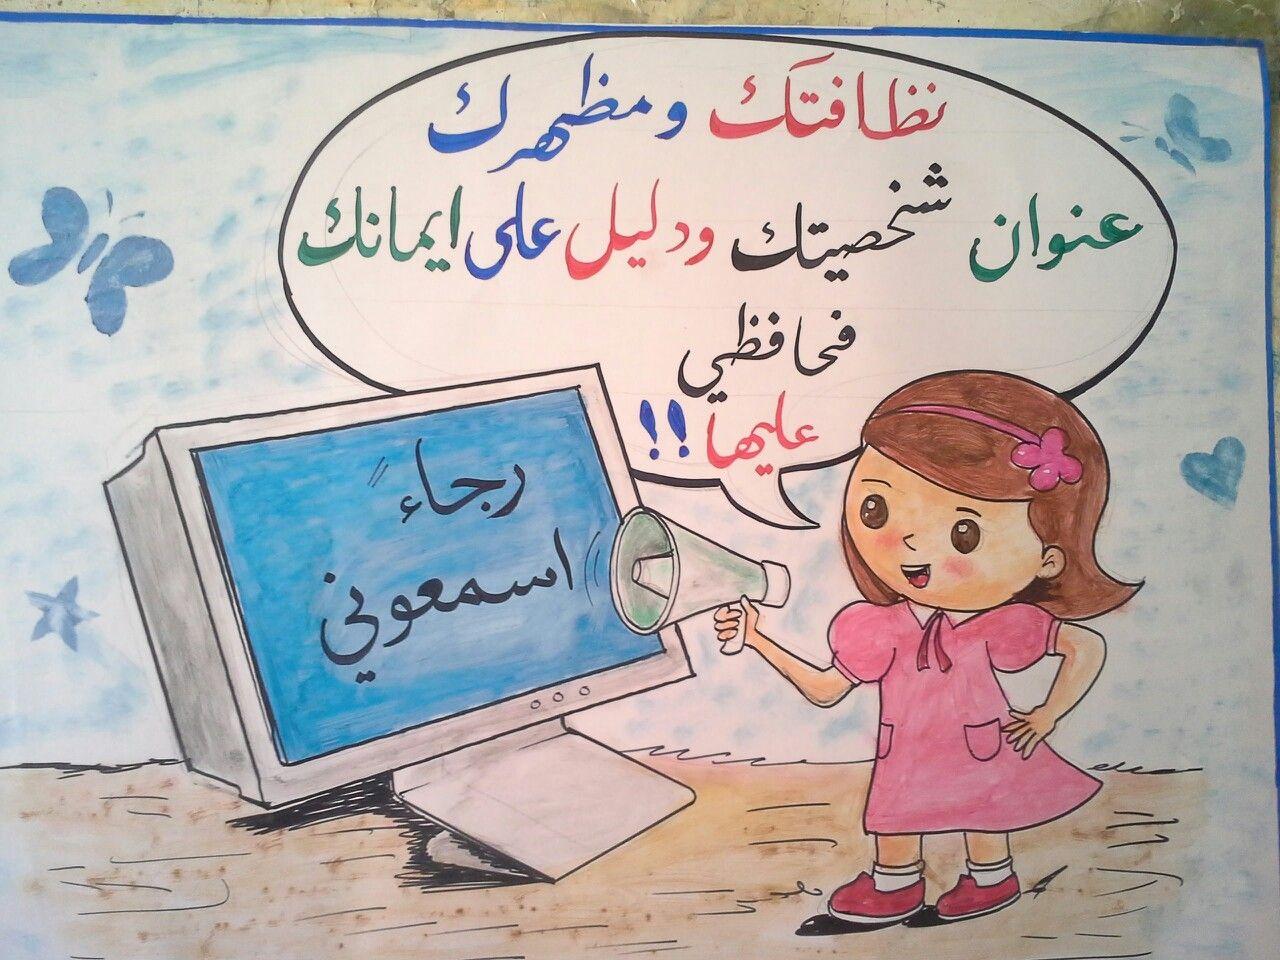 نظافتك ومظهرك عنوان شخصيتك ودليل على ايمانك فحافظي عليها Cartoon Faces School Projects Learning Arabic